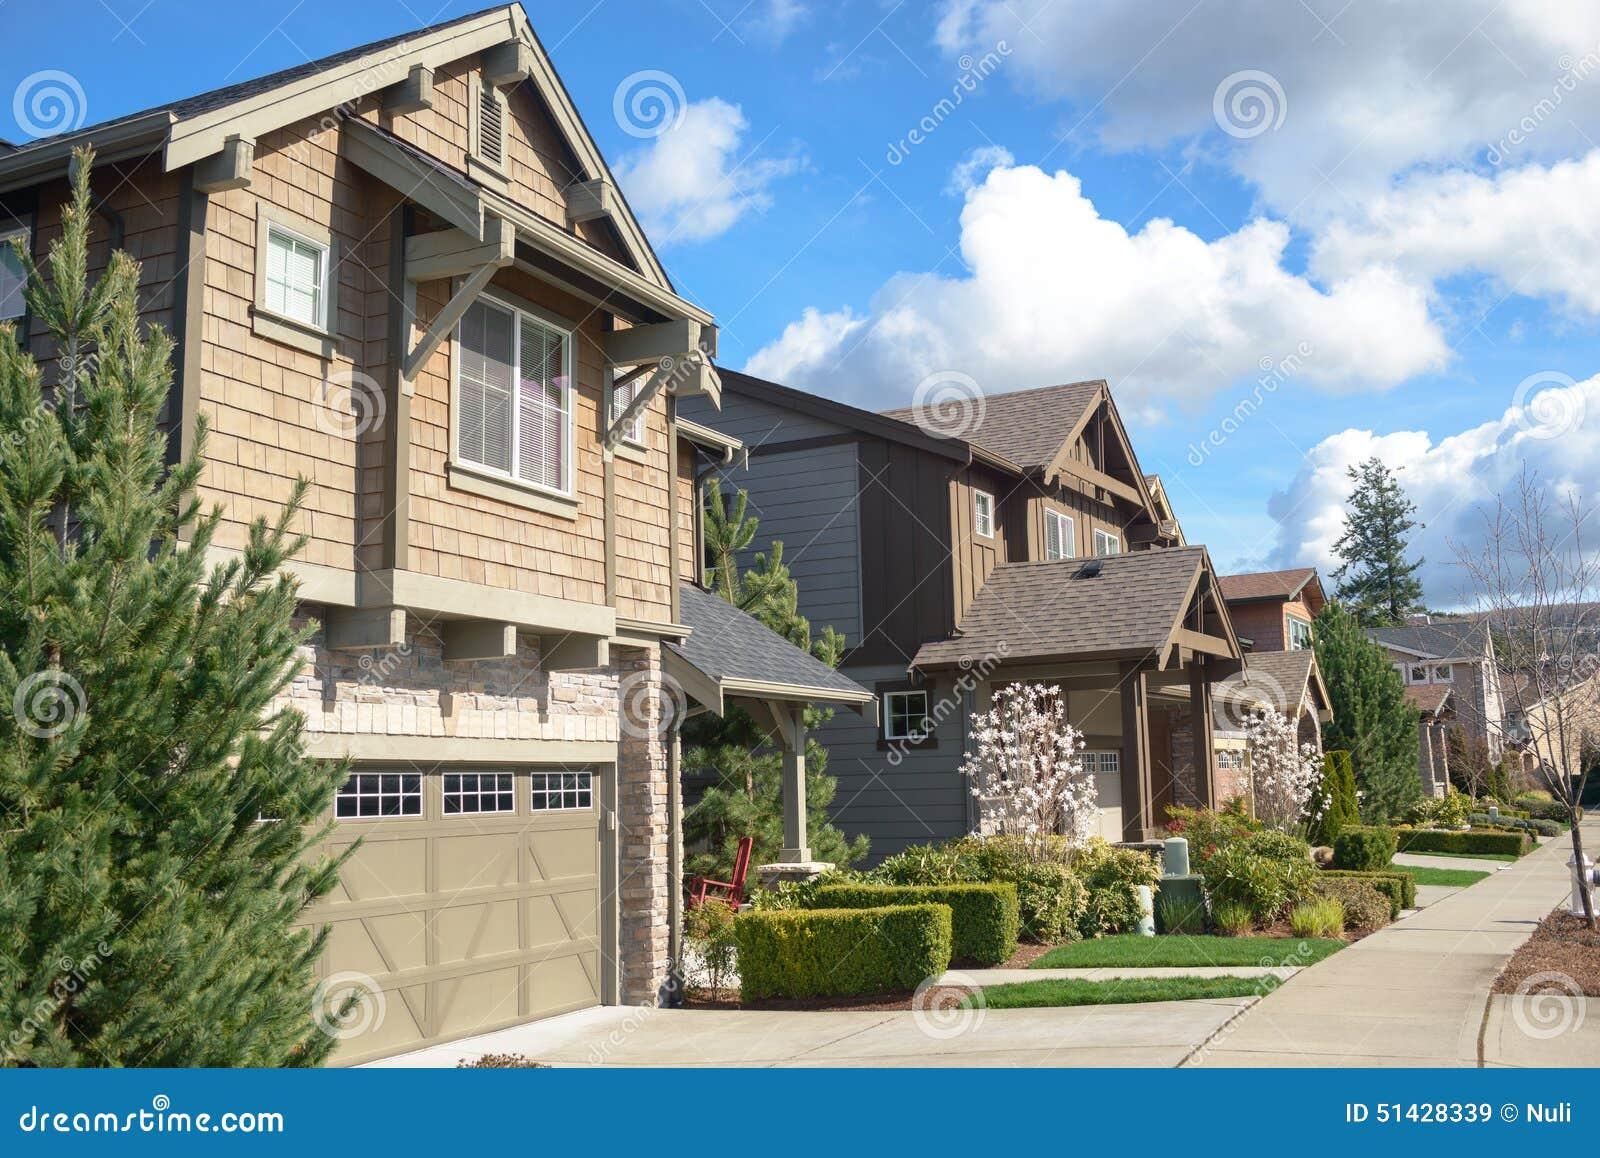 merikanische Straße Mit Schönen Häusern Stockfoto - Bild: 51428339 size: 1300 x 958 post ID: 1 File size: 0 B